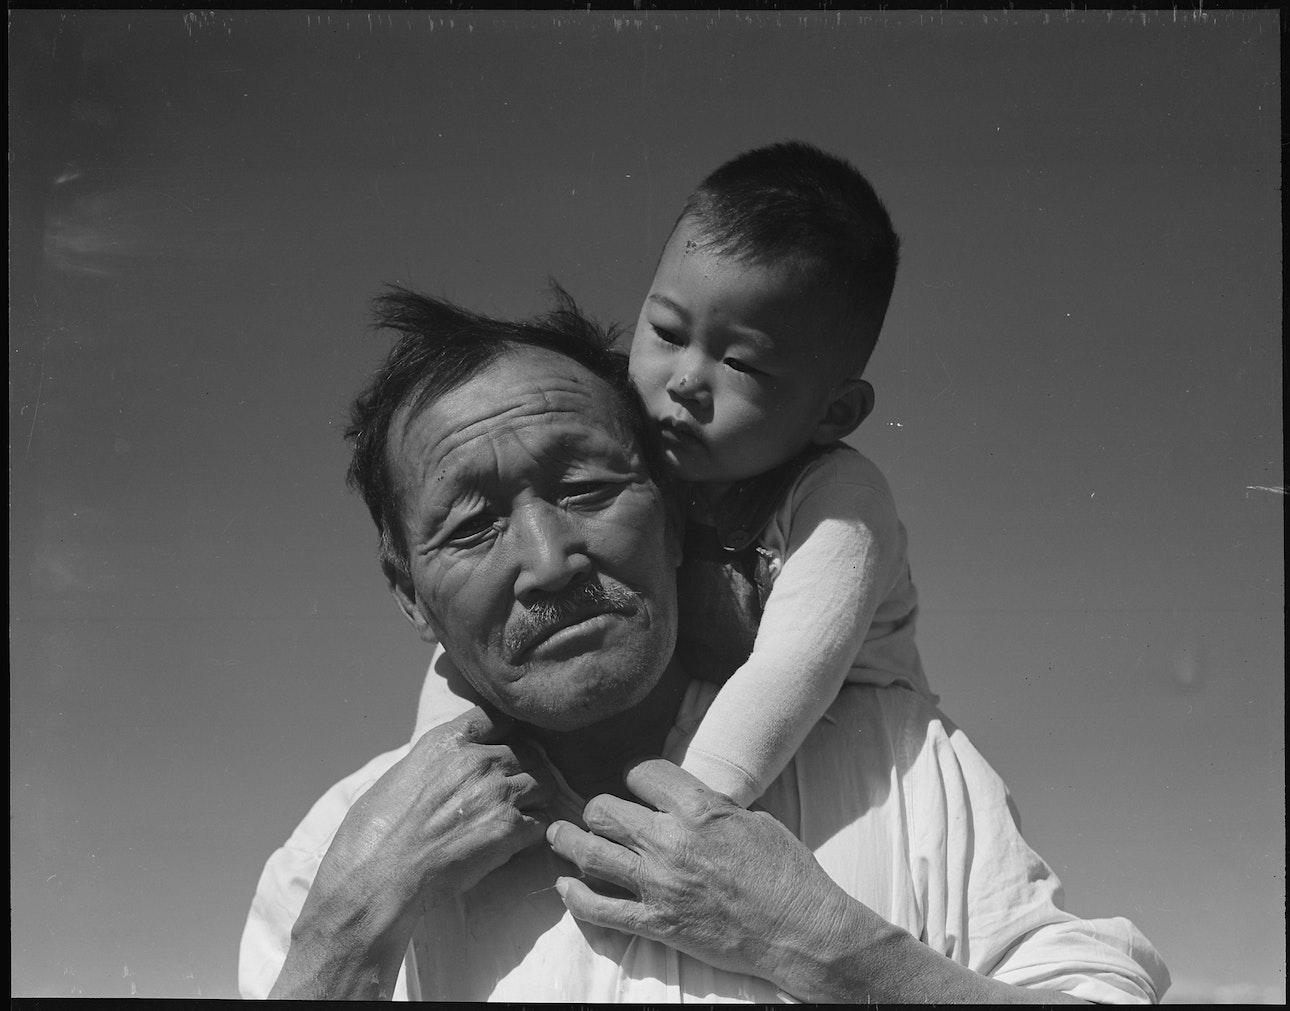 dorothea_lang_Manzanar_Relocation_Center,_Manzanar,_California._Grandfather_and_grandson_of_Japanese_ancestry_at_._._._-_NARA_-_537994